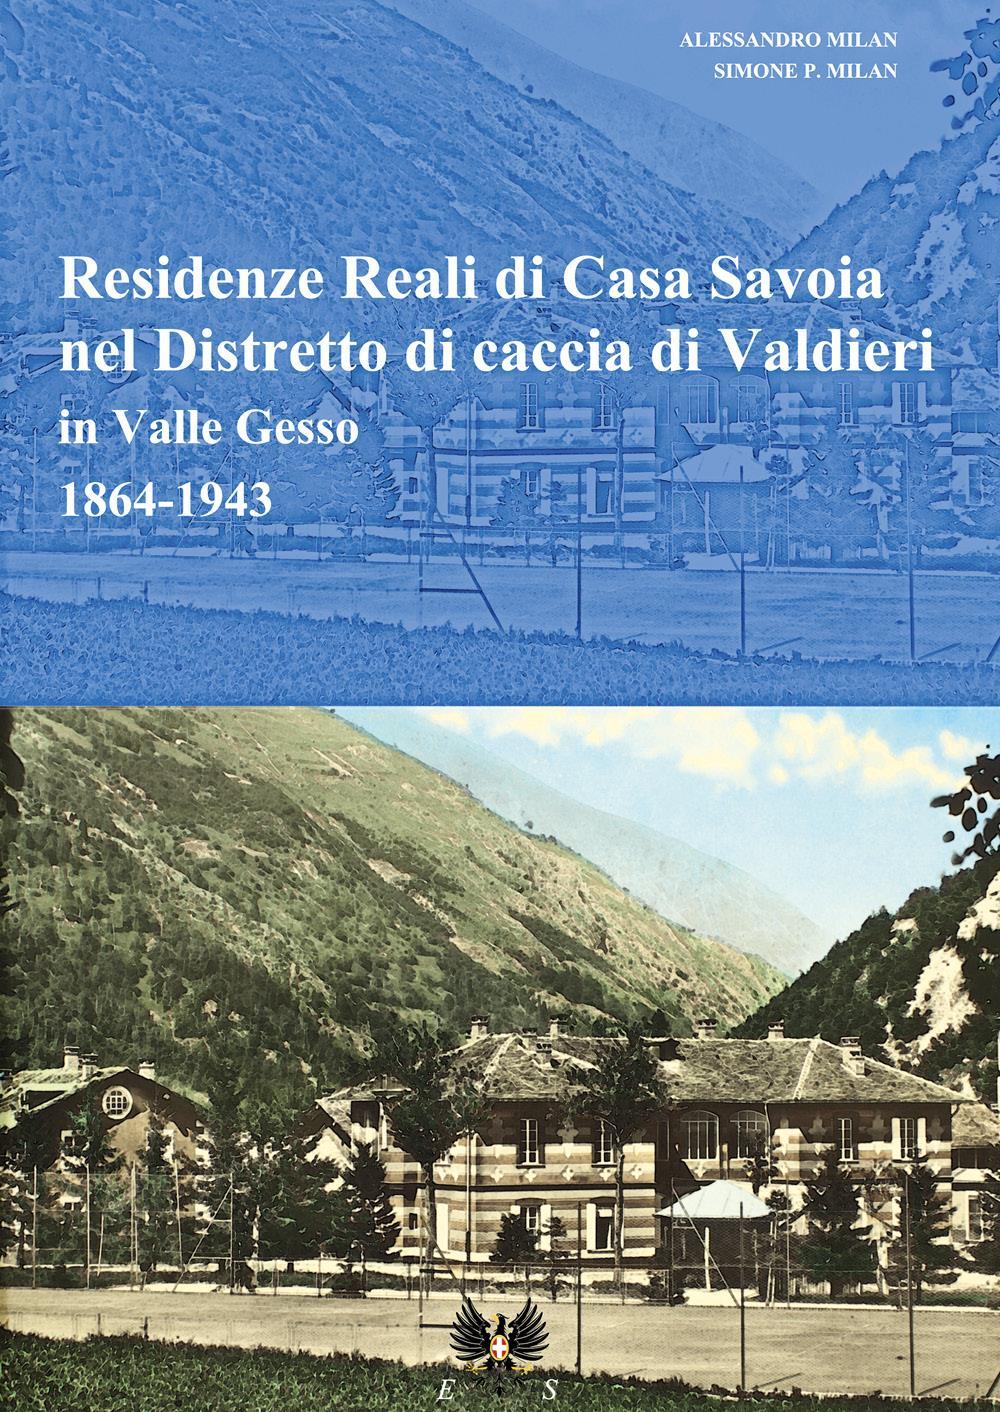 Residenze reali di Casa Savoia nel Distretto di caccia di Valdieri in Valle Gesso 1864-1943